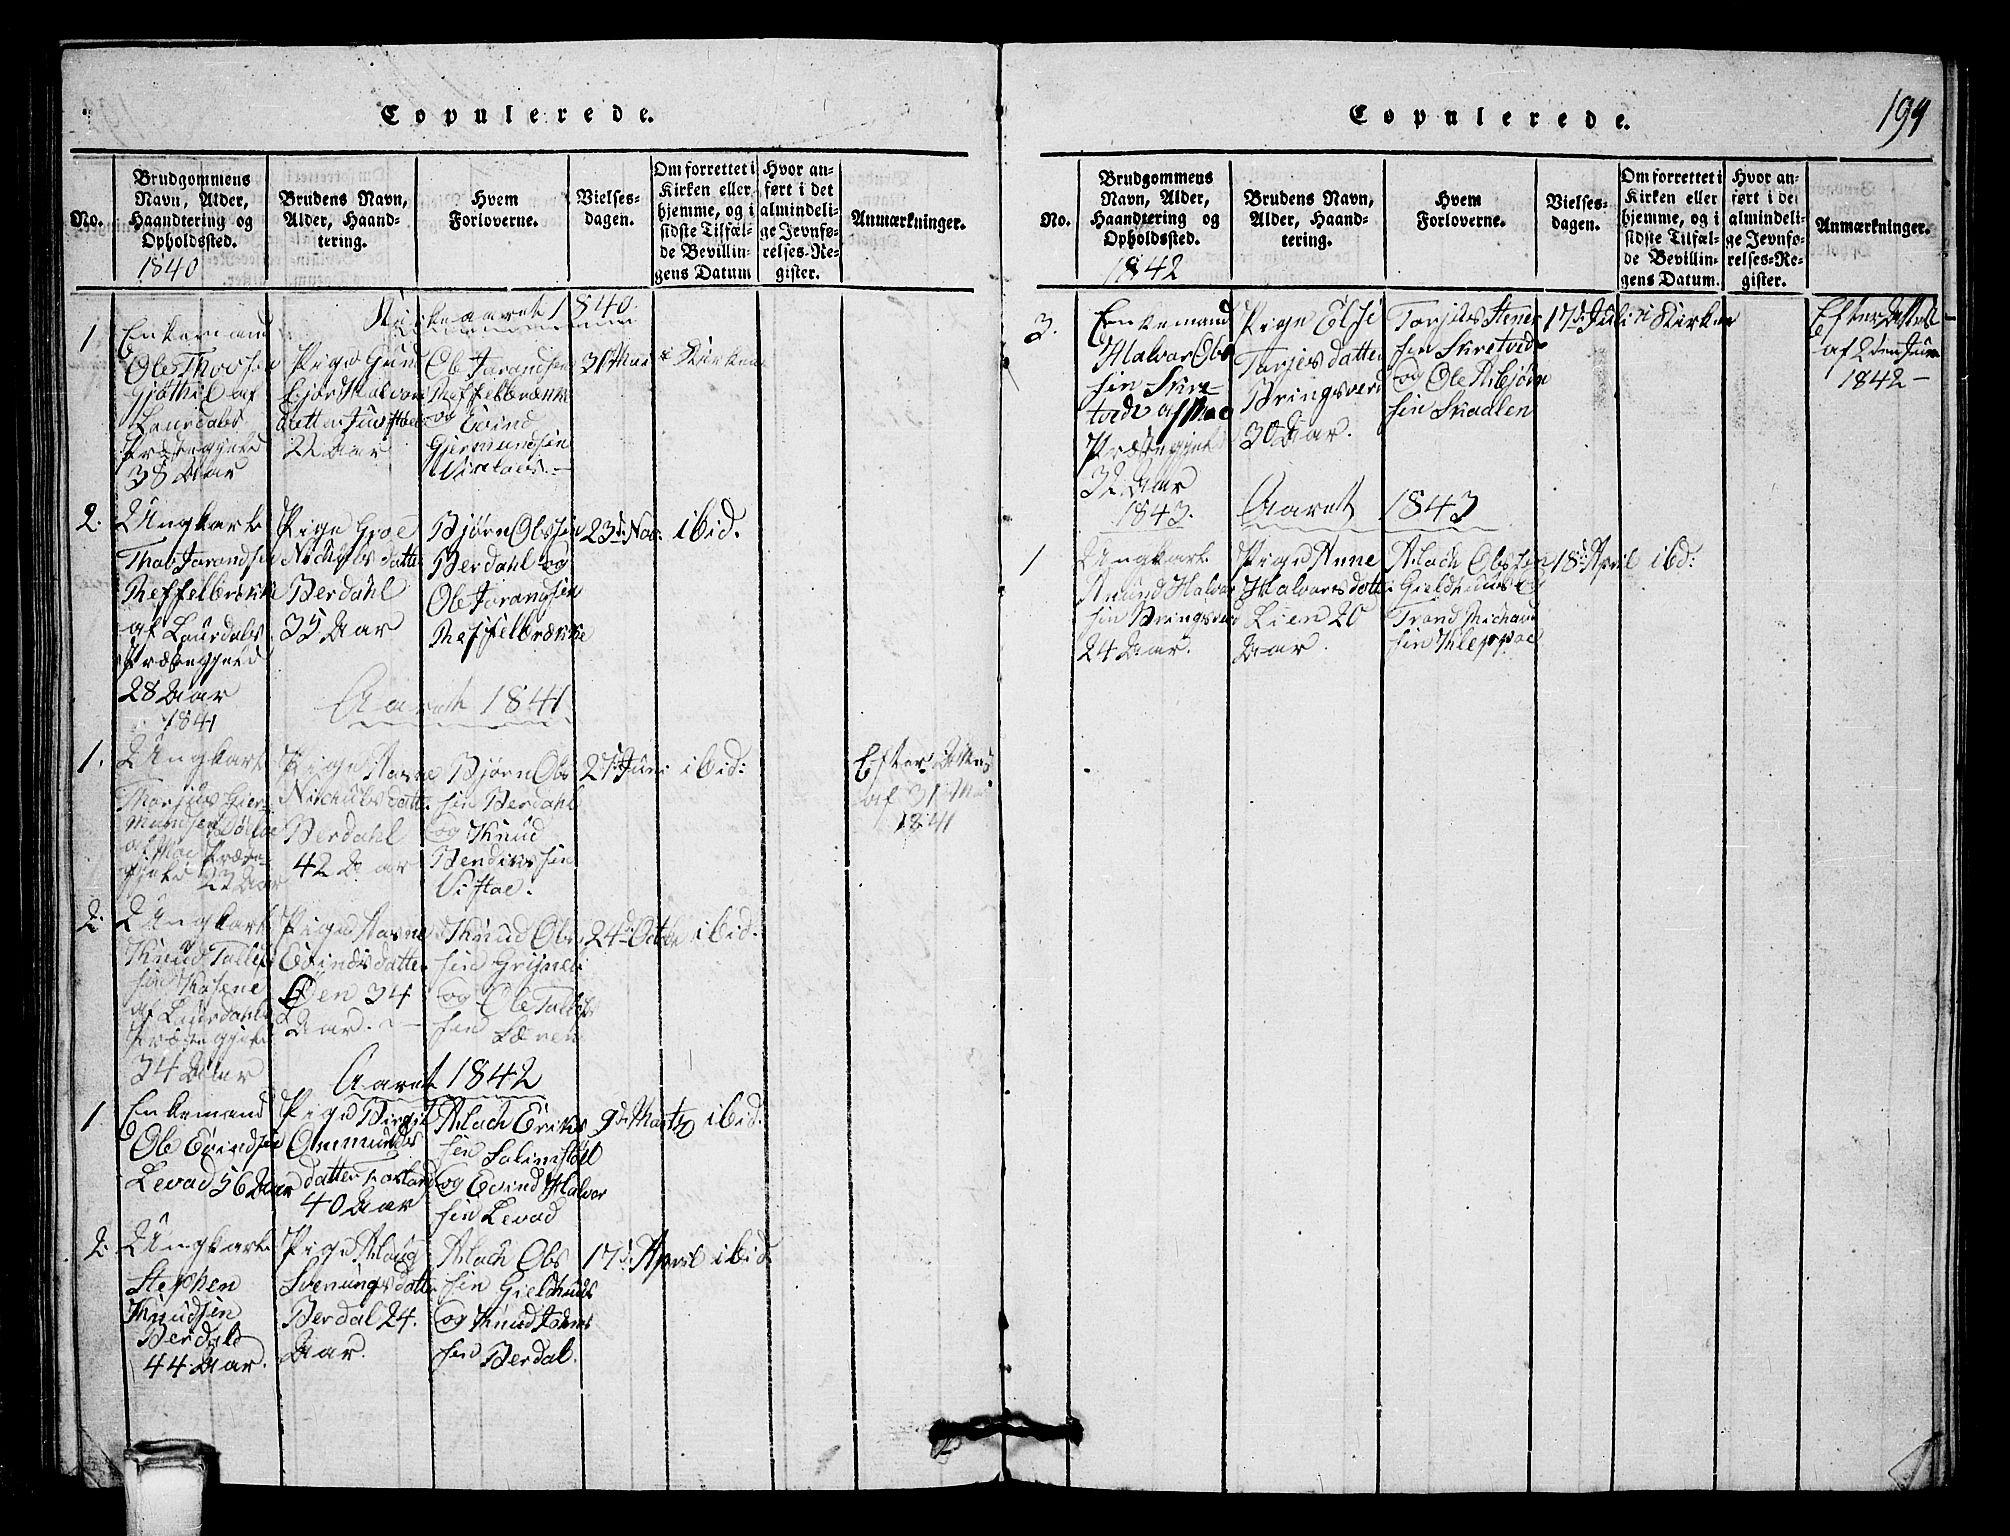 SAKO, Vinje kirkebøker, G/Gb/L0001: Klokkerbok nr. II 1, 1814-1843, s. 194